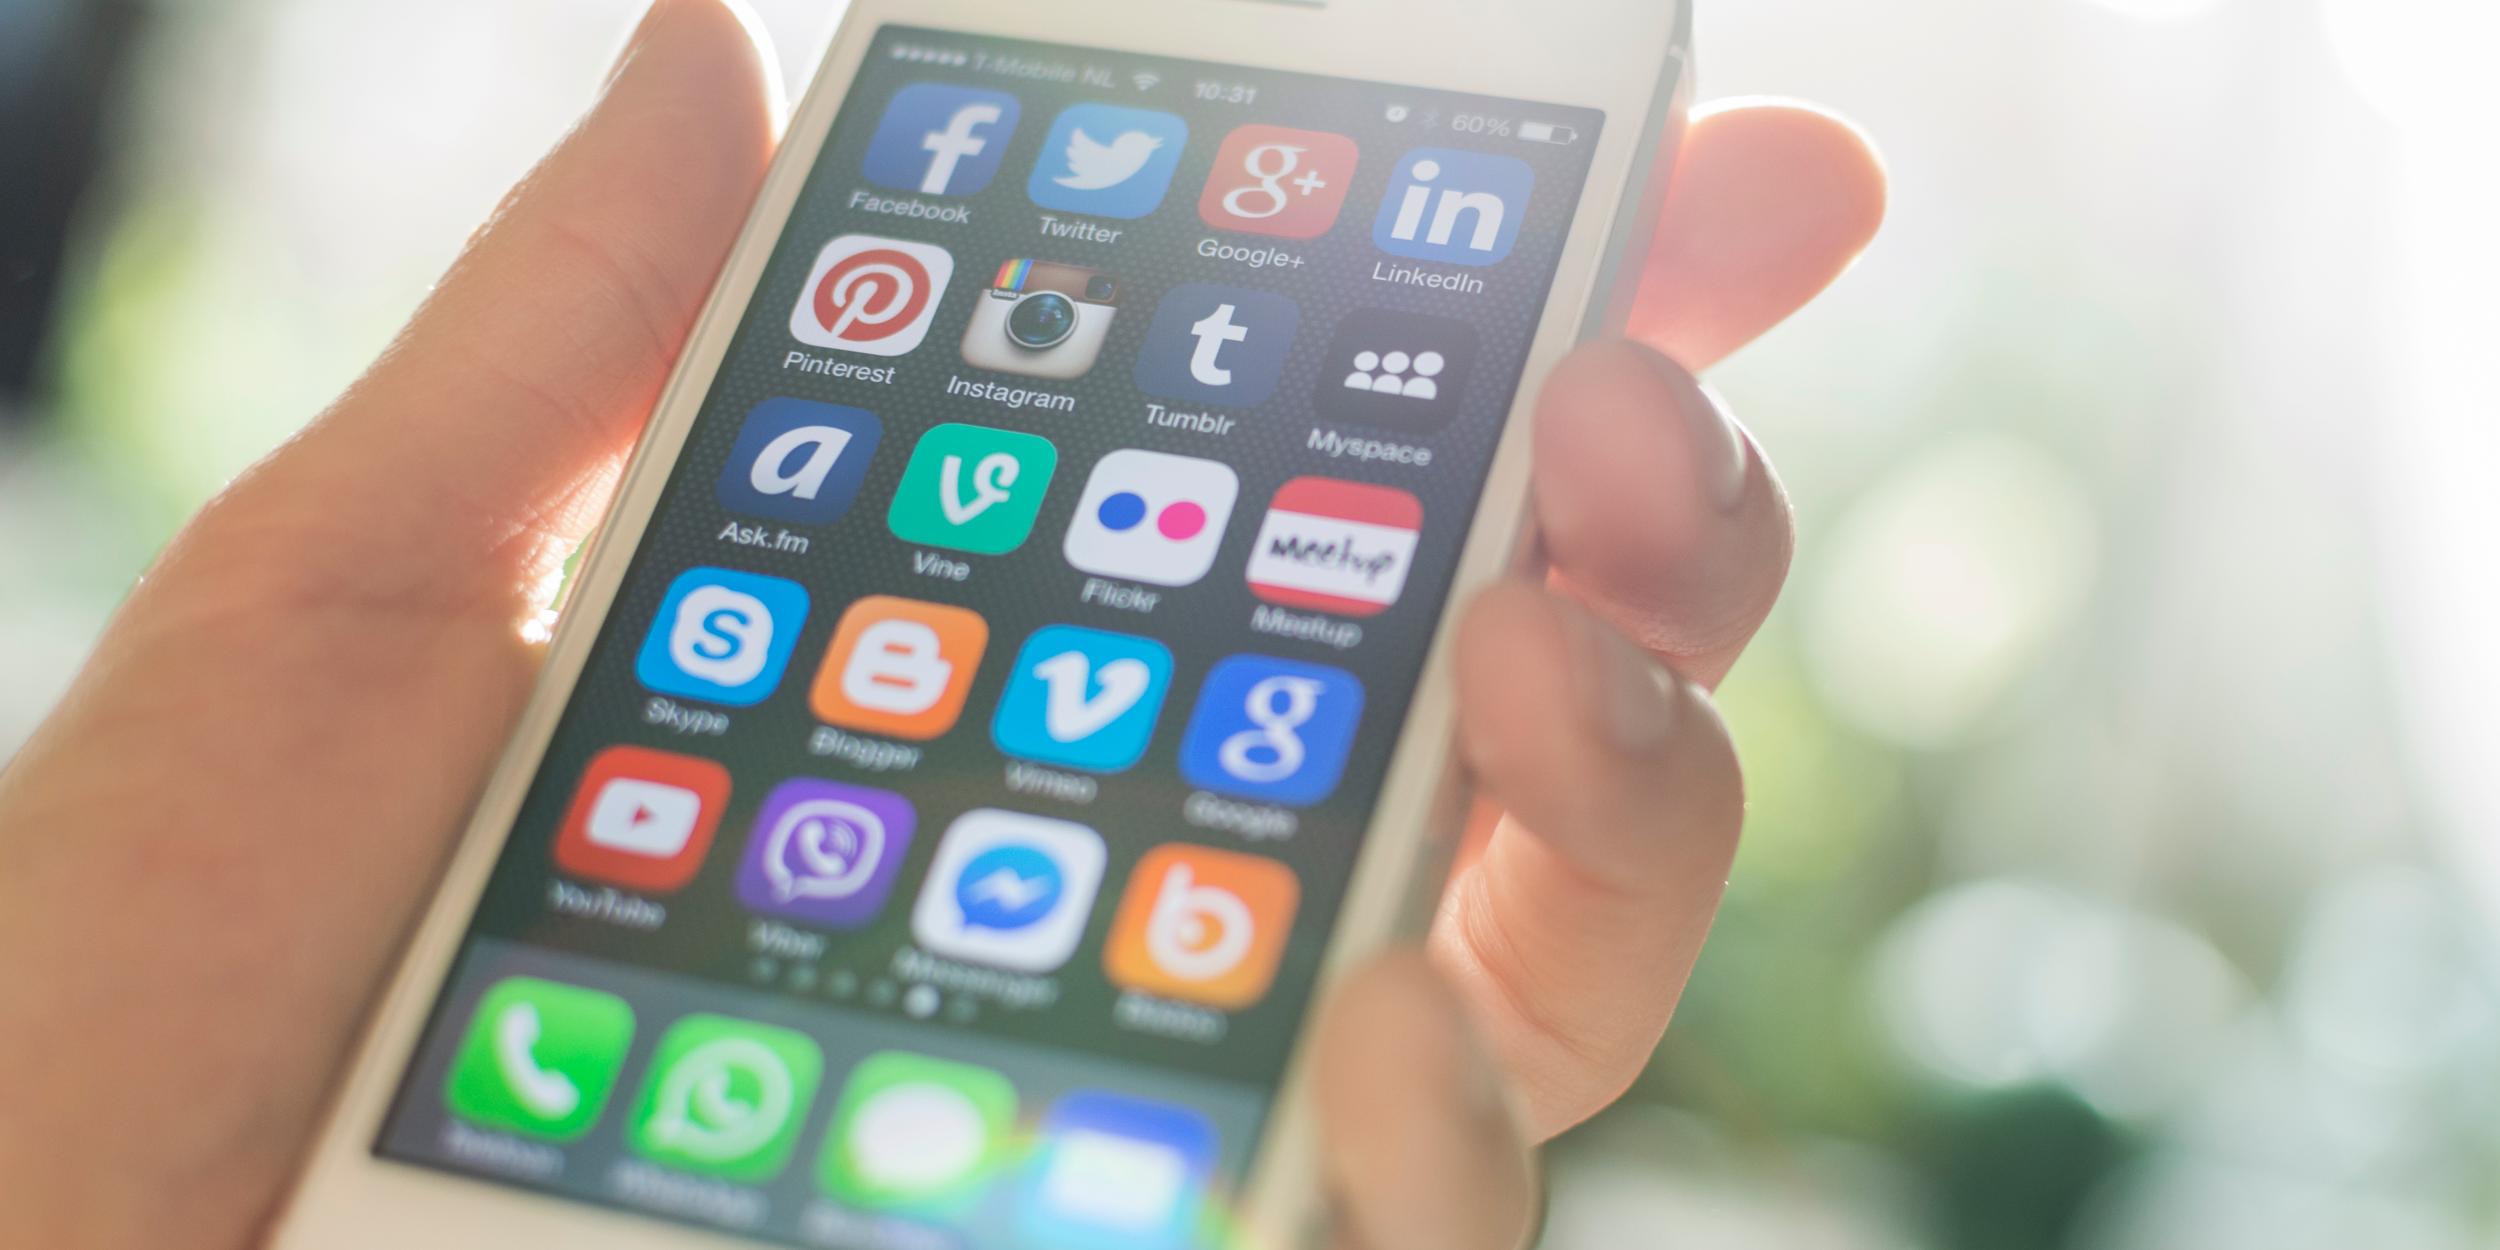 Синий цвет и буква S — самые популярные элементы иконок в App Store